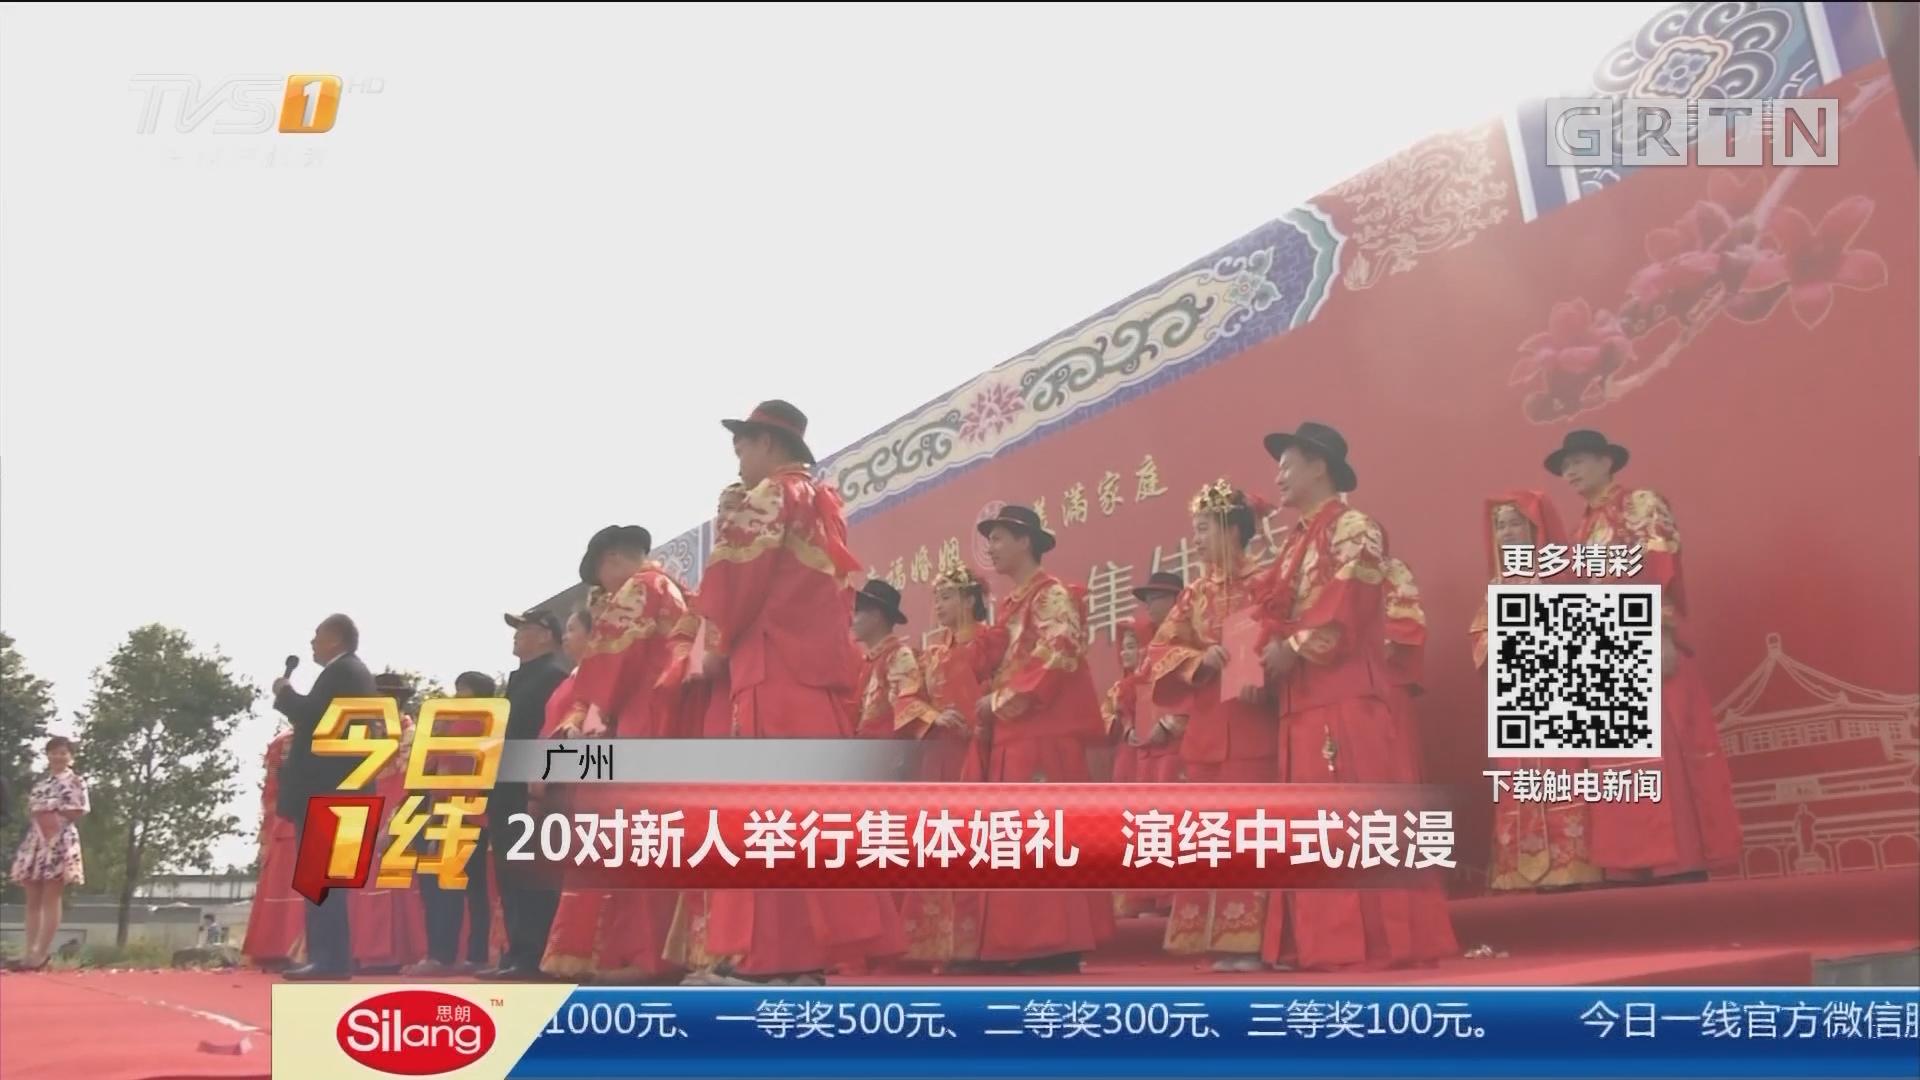 广州:20对新人举行集体婚礼 演绎中式浪漫